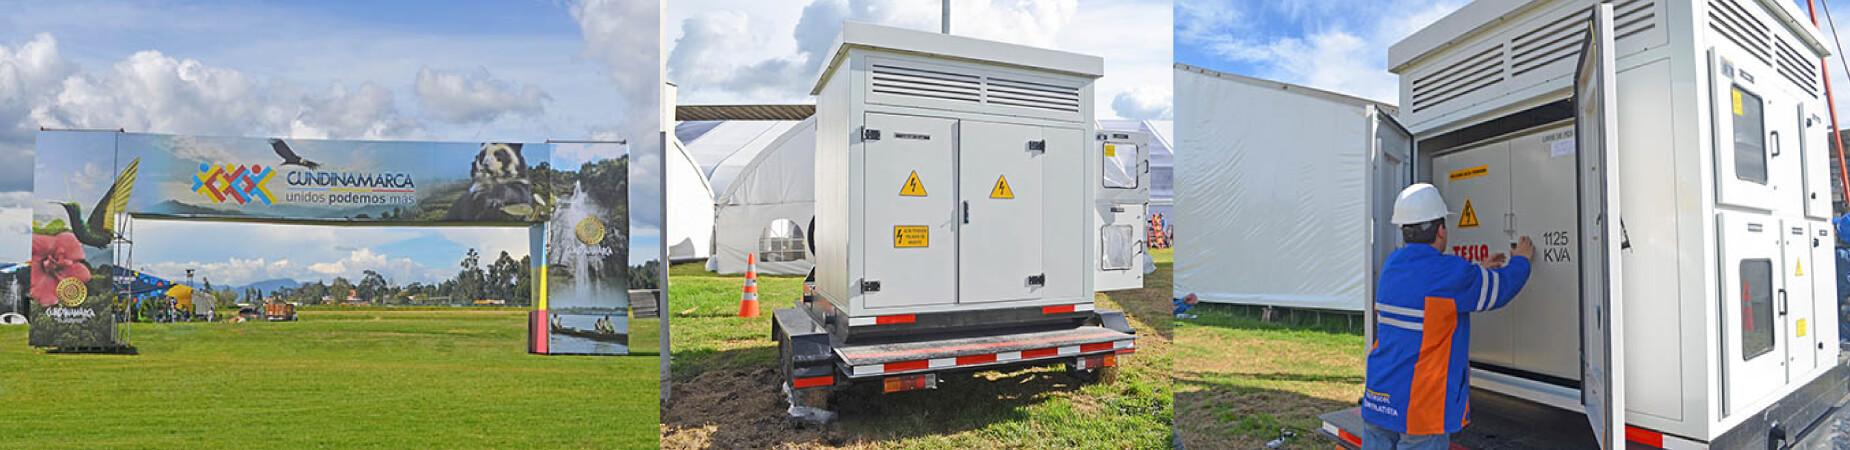 Suministro eléctrico a Expocundinamarca 2017